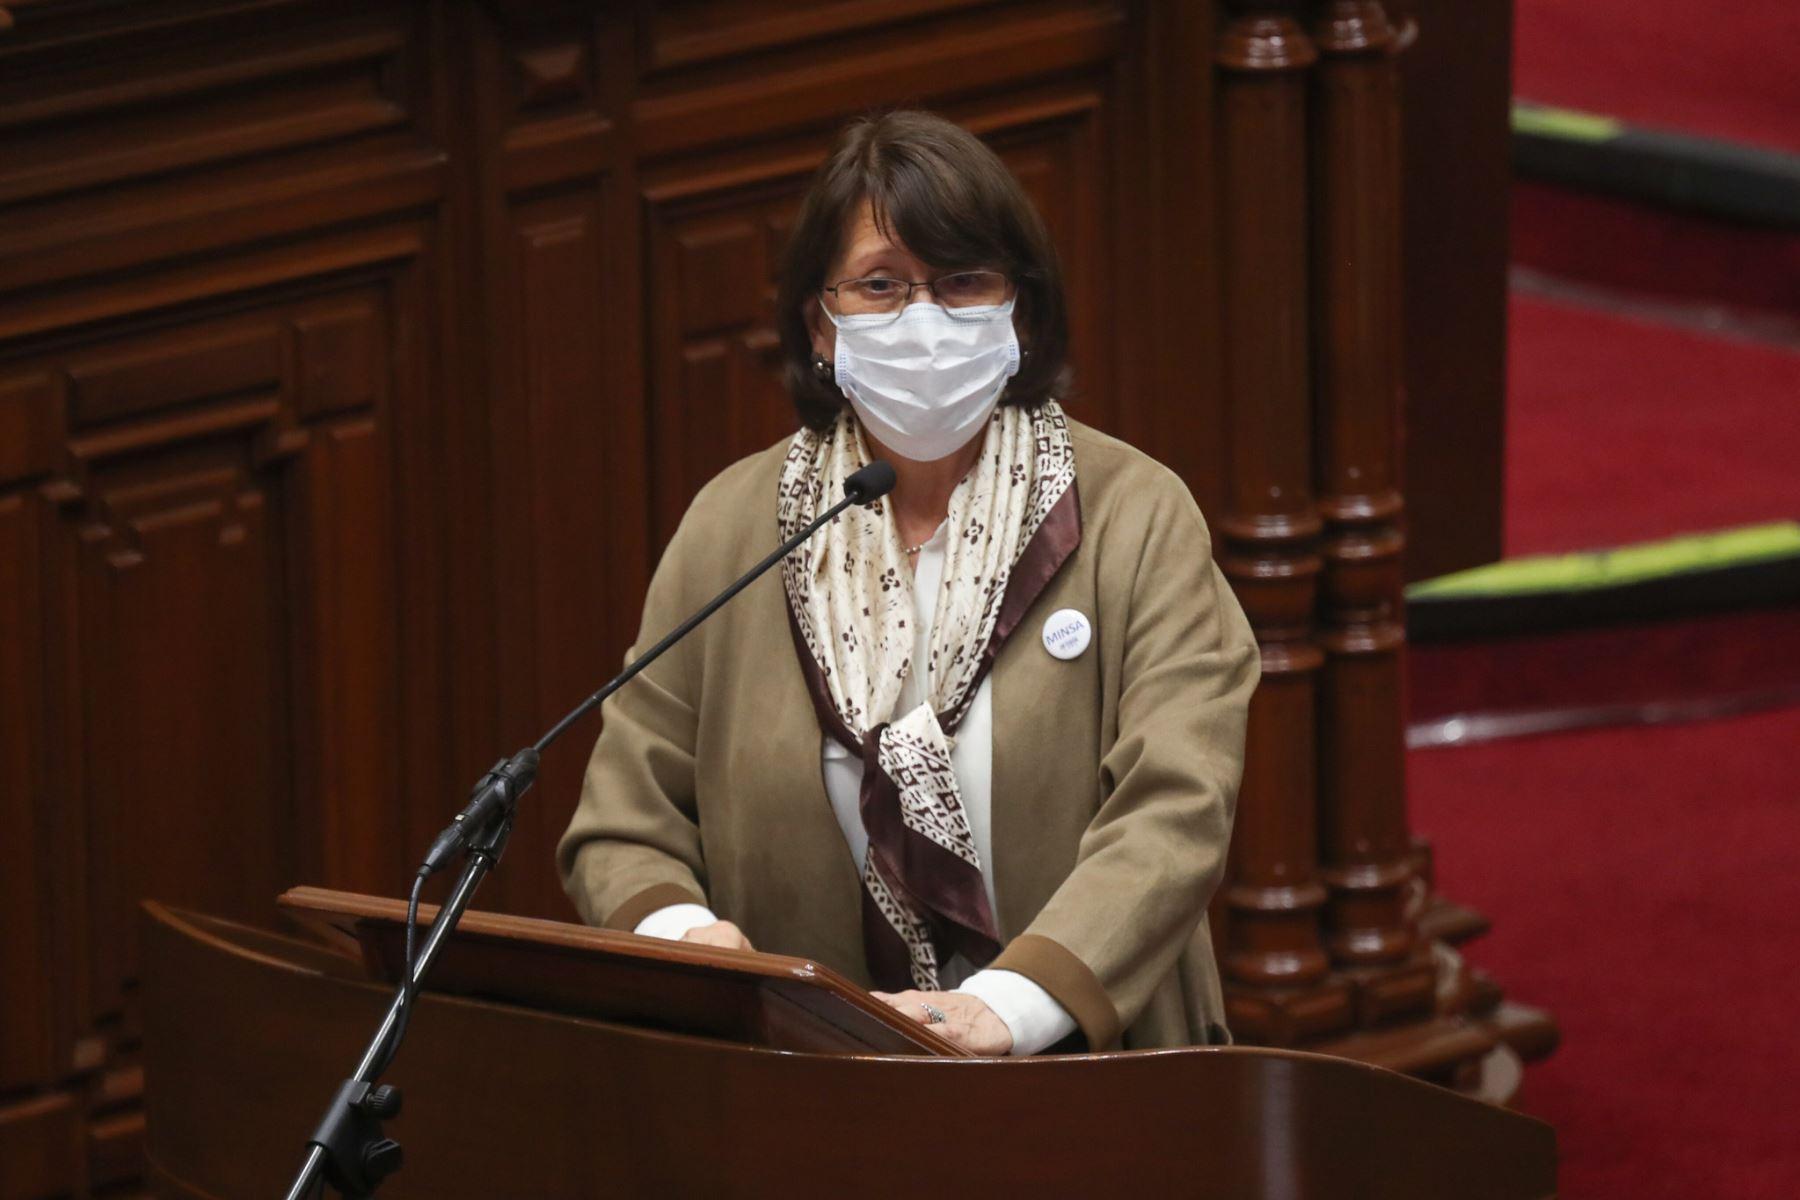 A Covax Facility se le pagará S/ 385.75 millones por vacunas para 6.6 millones de personas, informó la ministra de Salud, Pilar Mazzetti. ANDINA/Minsa